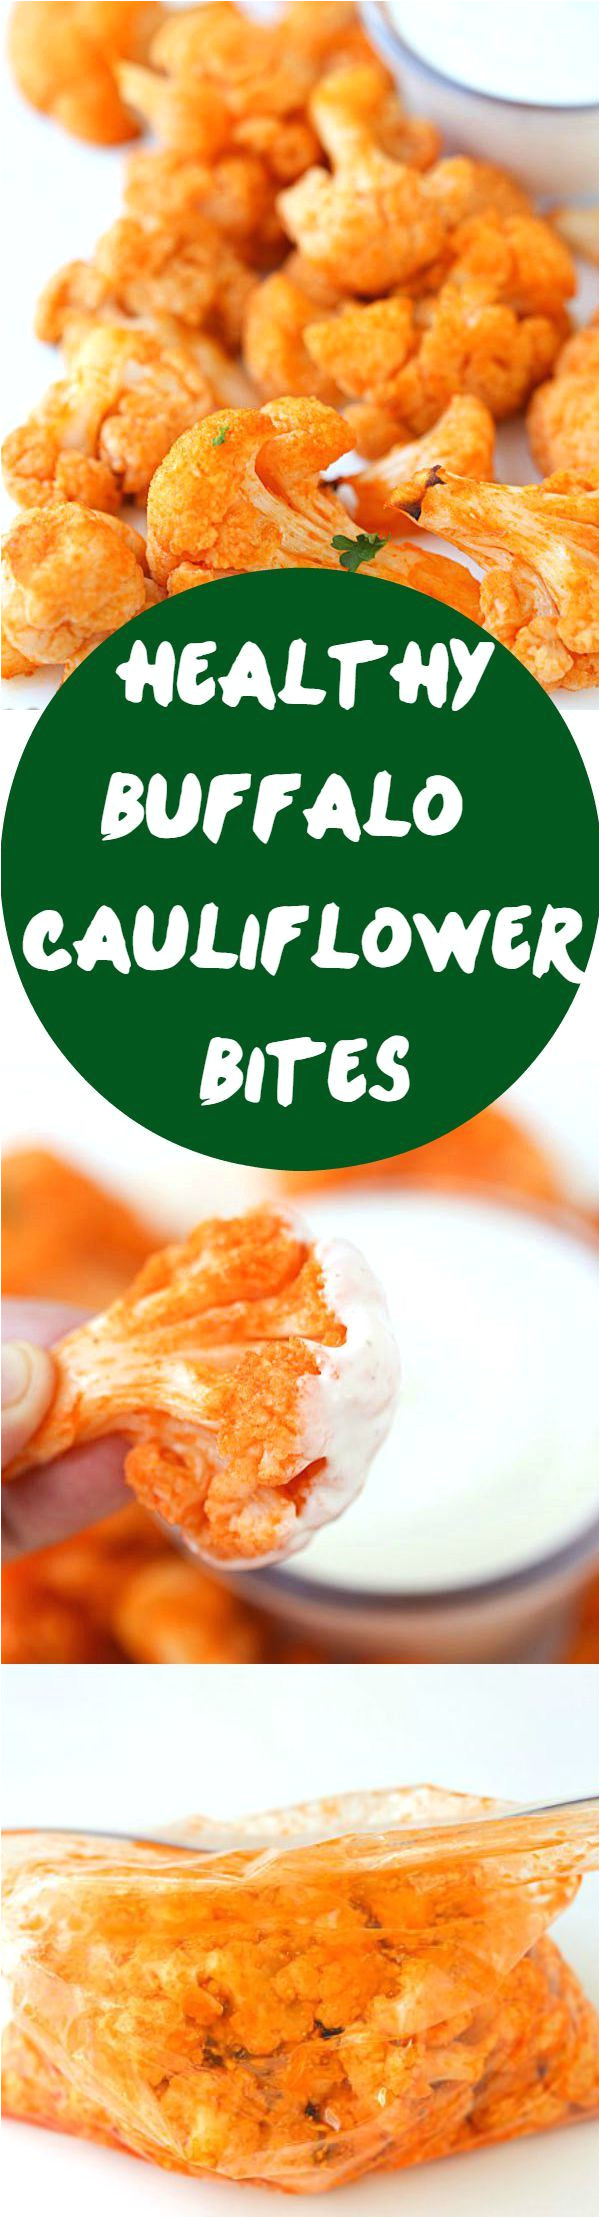 healthy buffalo cauliflower bites